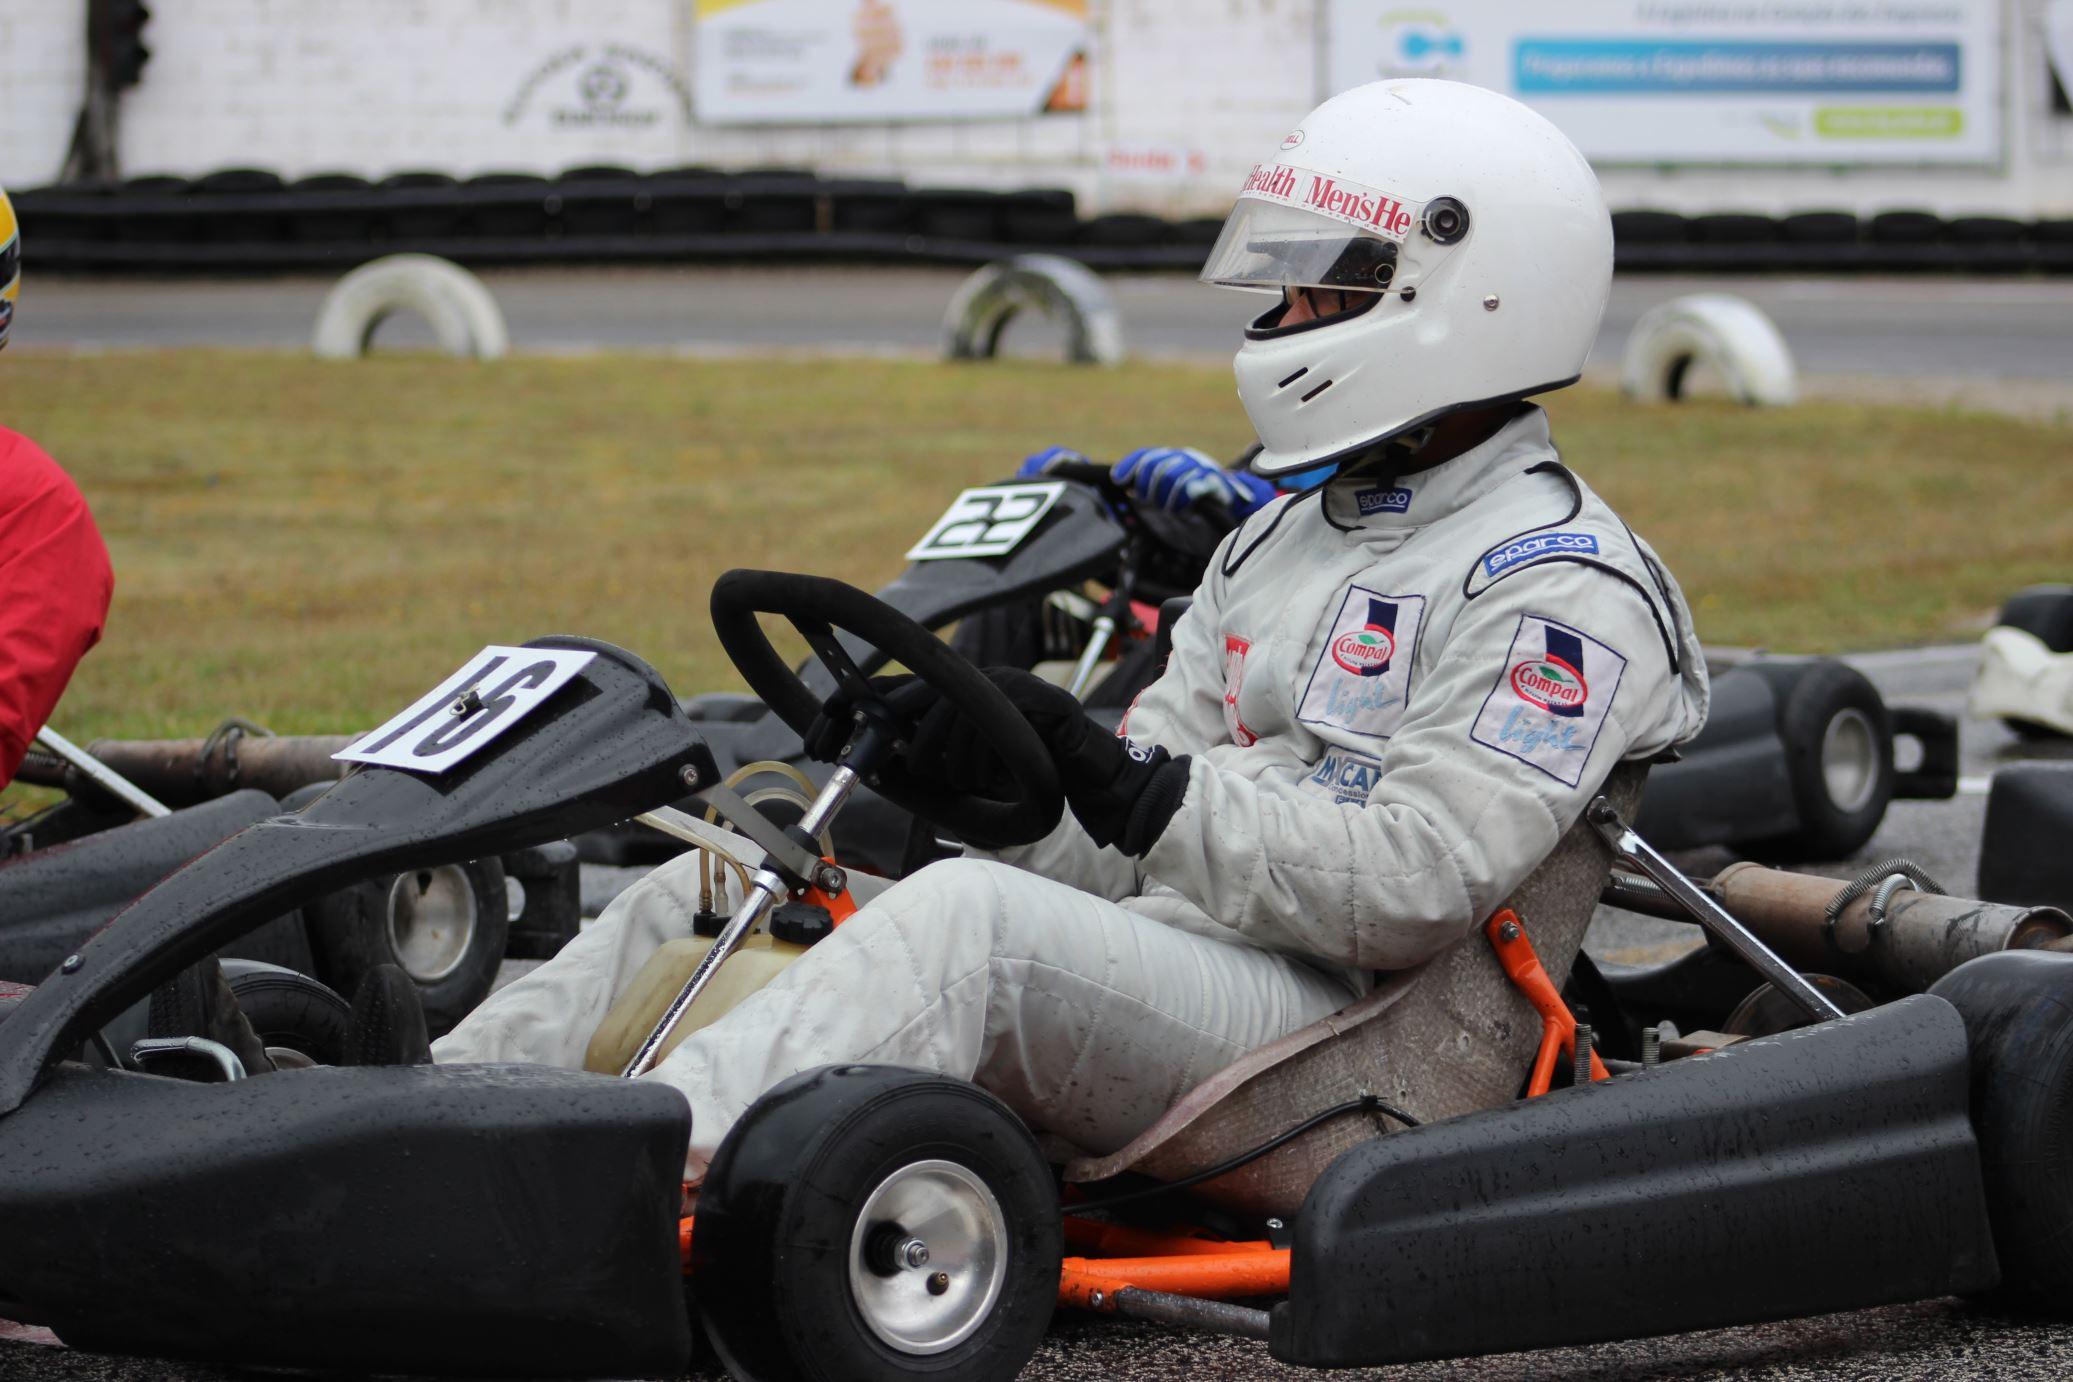 Troféu Honda 2014 - 2ª Prova52